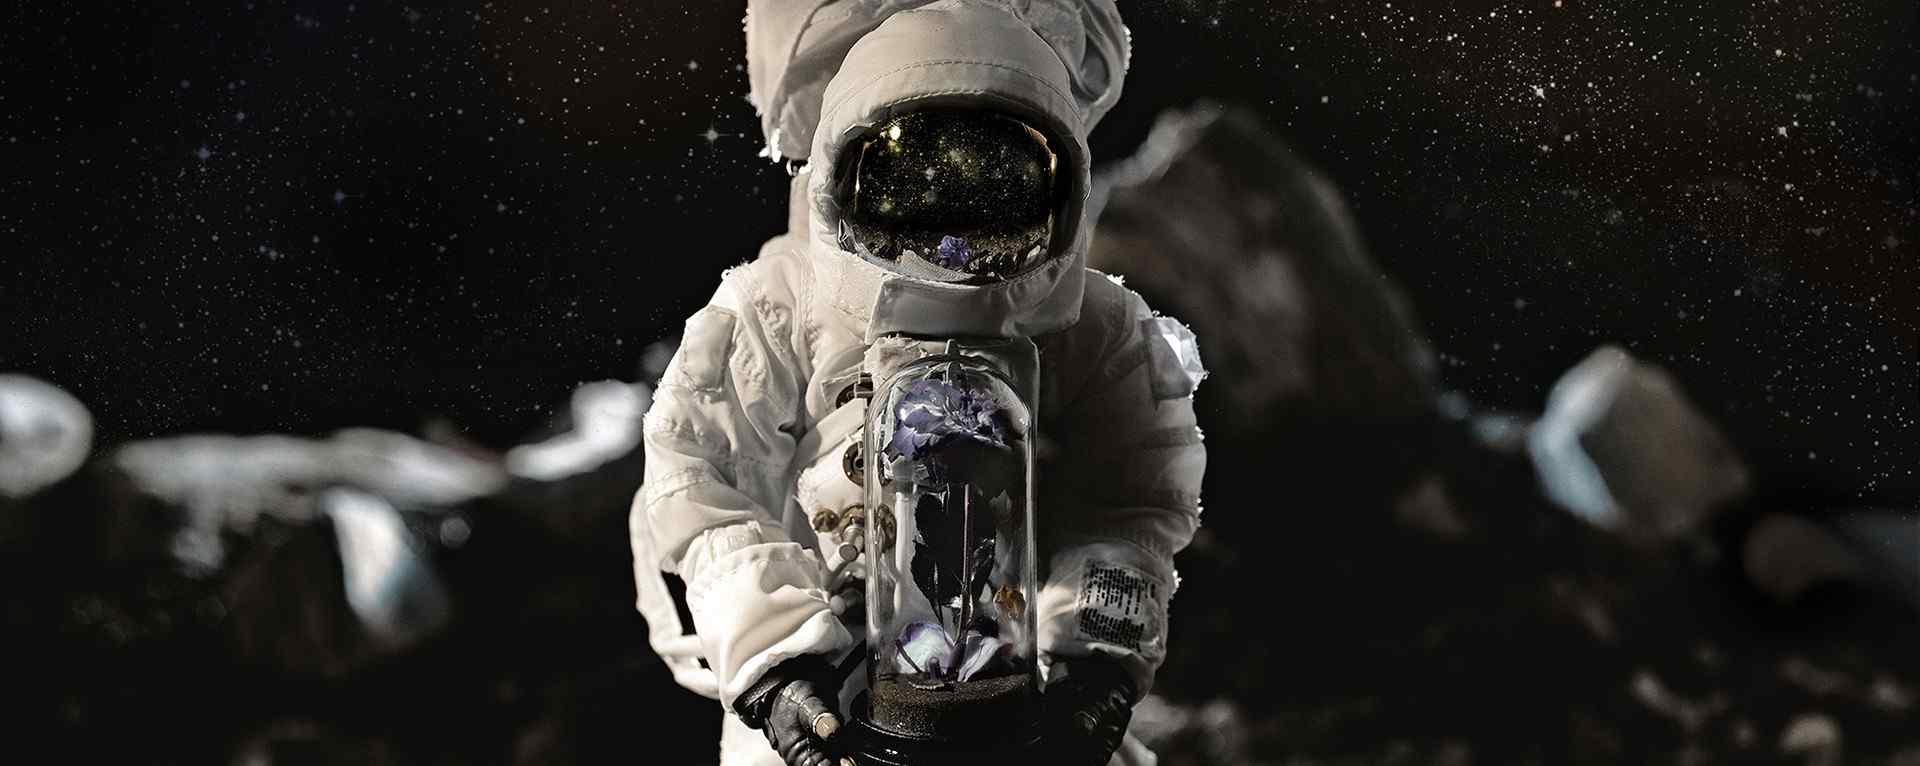 科幻_科幻星球星空壁纸_科幻电影影视壁纸_未来科技遐想